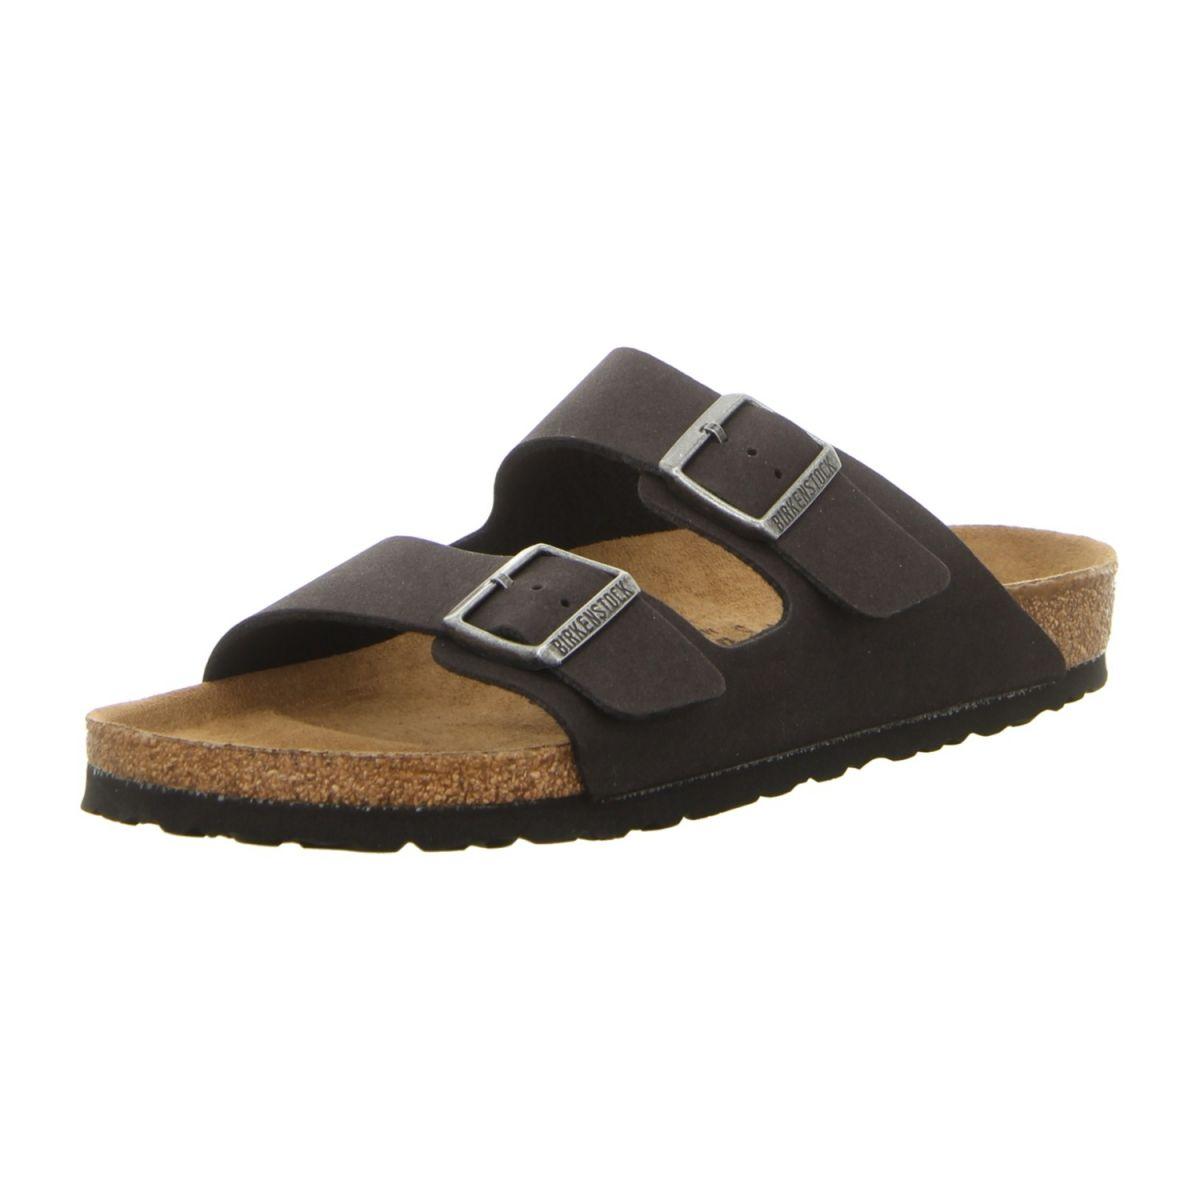 Birkenstock Schuhe günstig online kaufen |